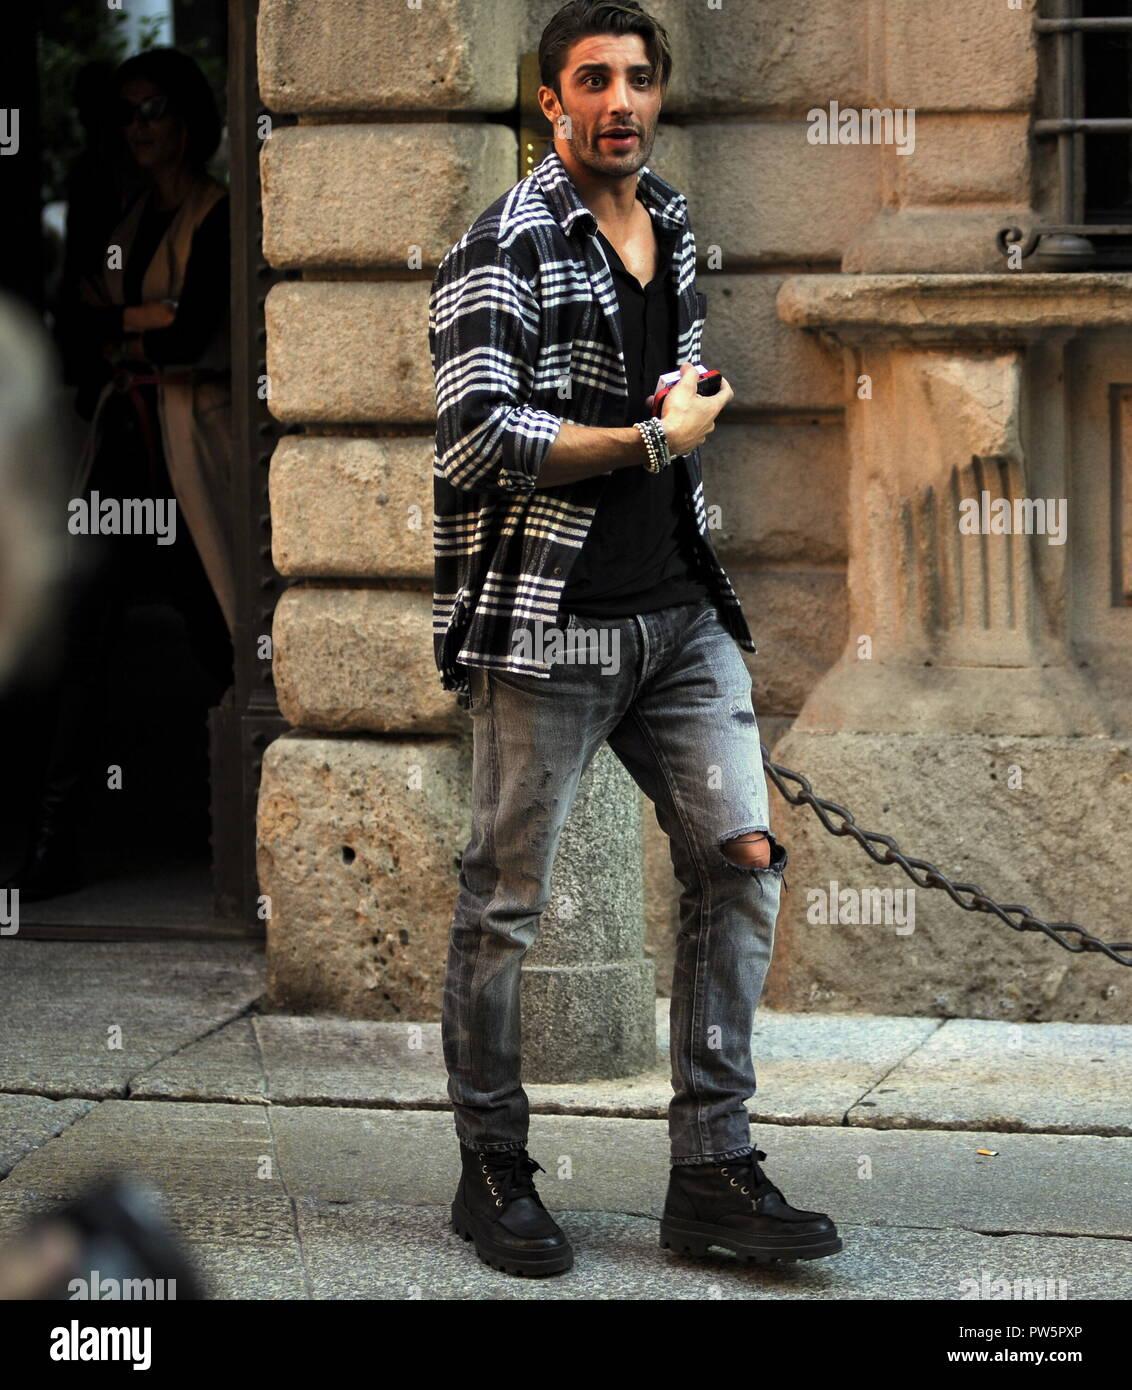 Milan Andrea Iannone En El Almuerzo Con La Misteriosa Chica Andrea Iannone Que Muchos Periodicos Dan